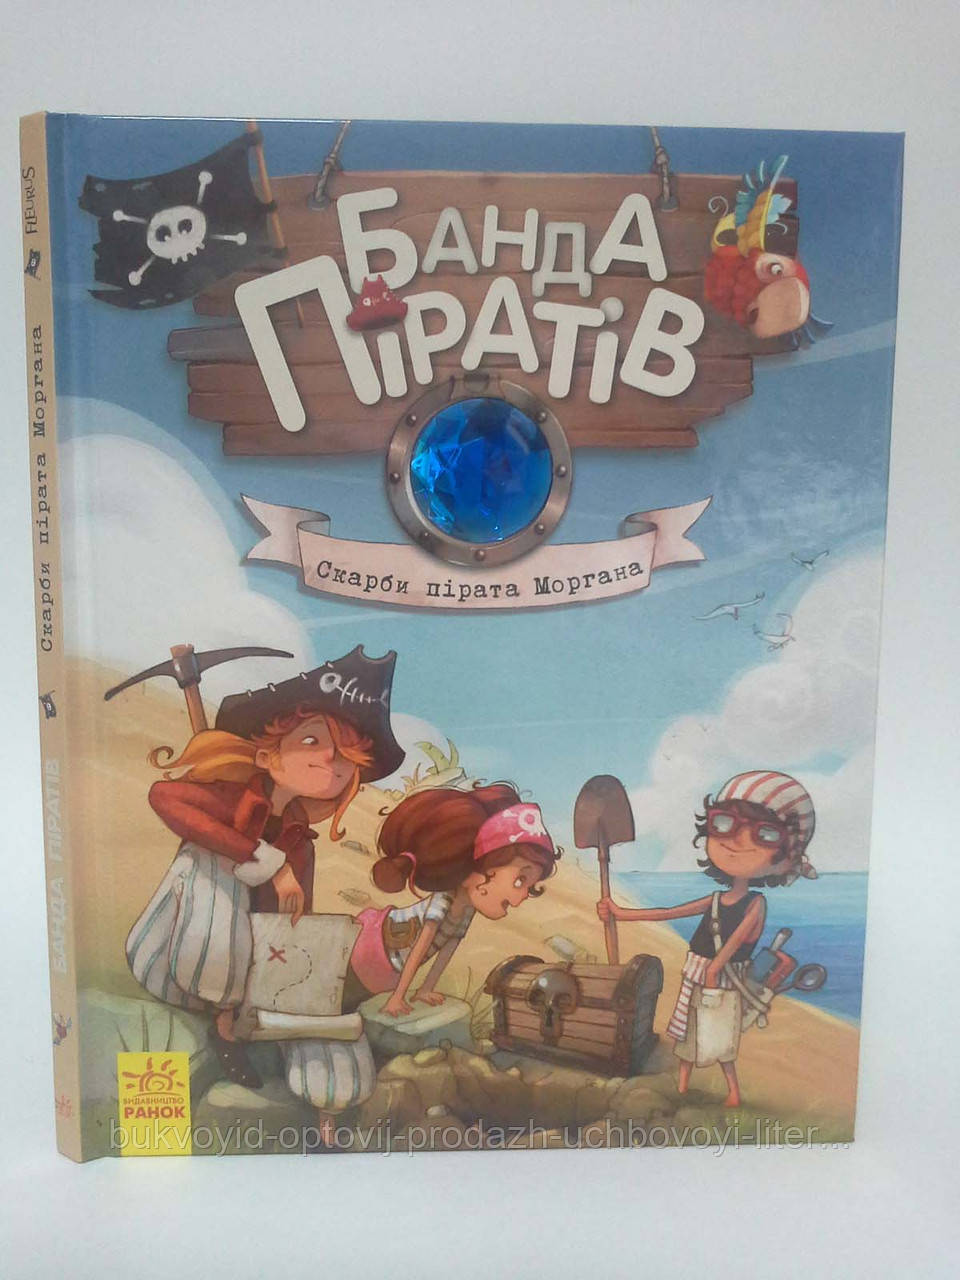 Ранок Банда піратів Скарби пірата Моргана